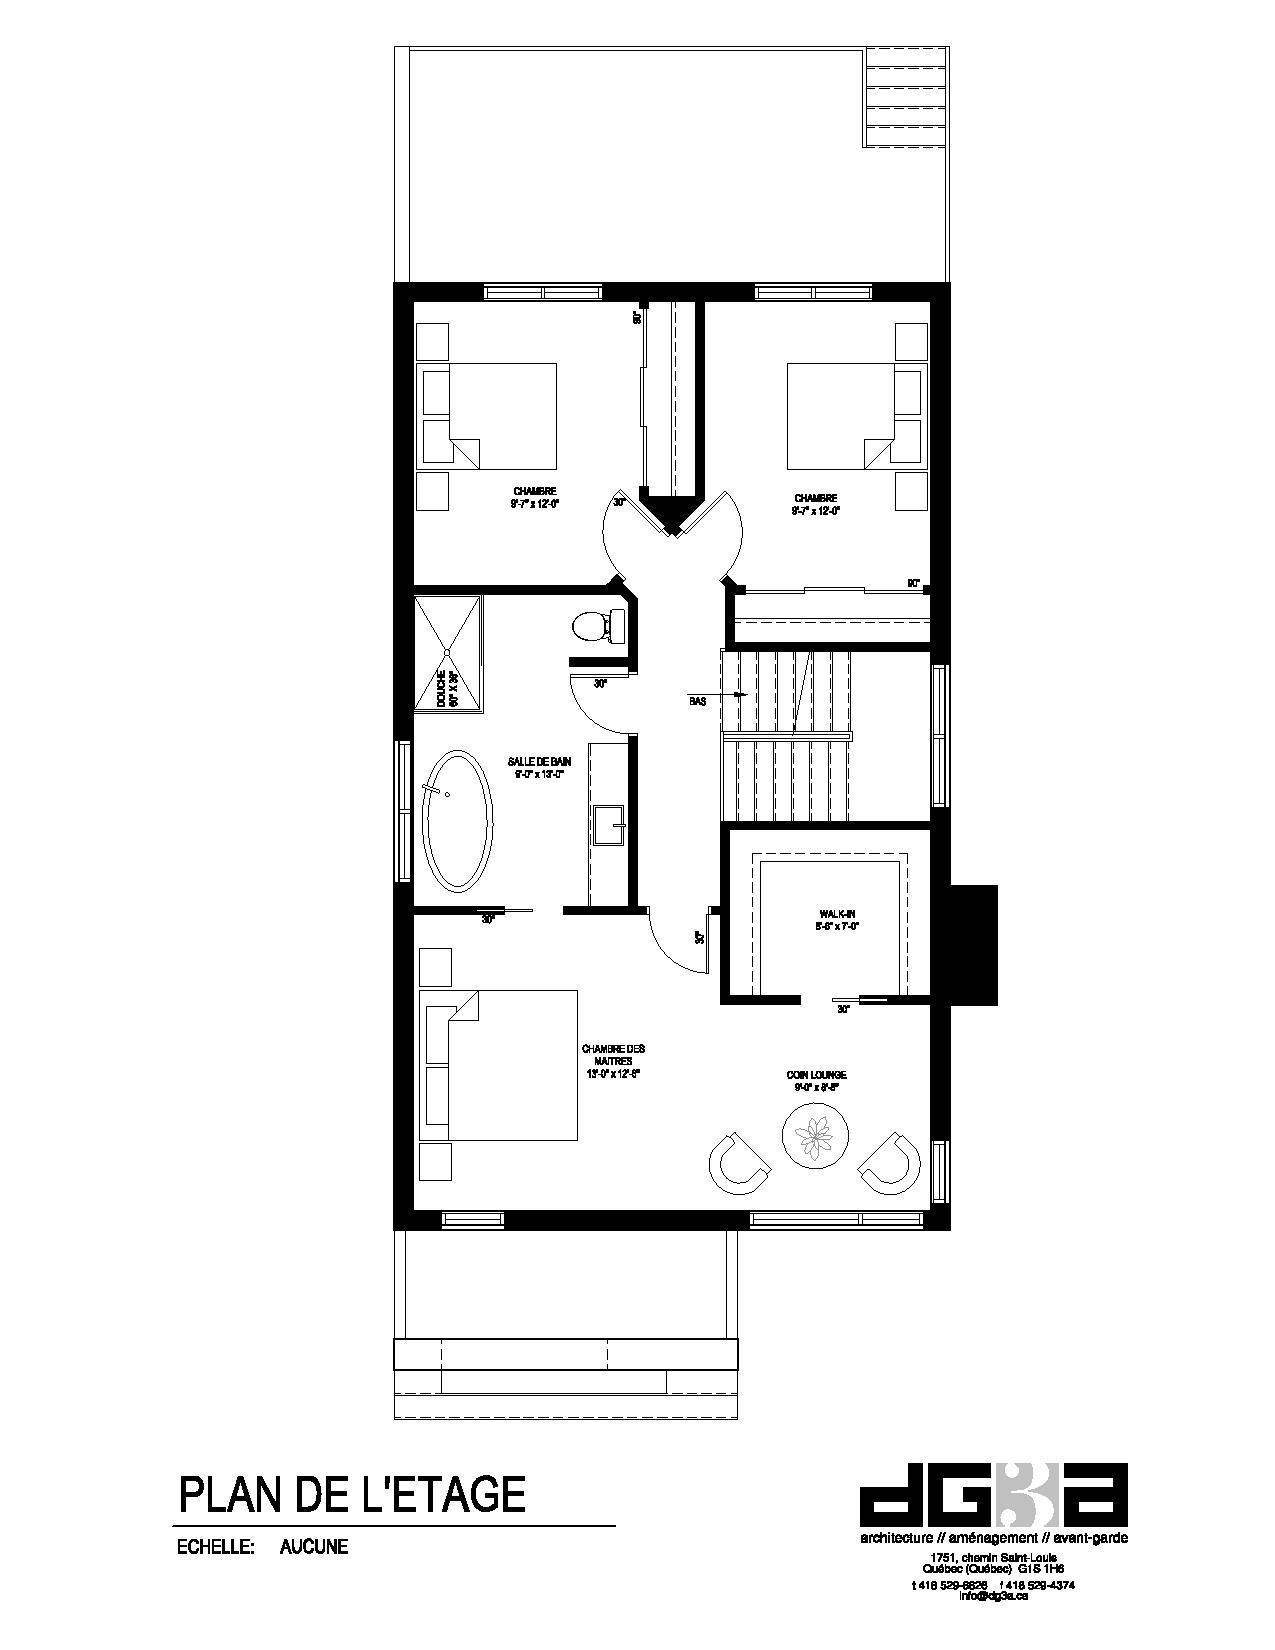 des seigneurs plan de vente etage 1 page 001. Black Bedroom Furniture Sets. Home Design Ideas